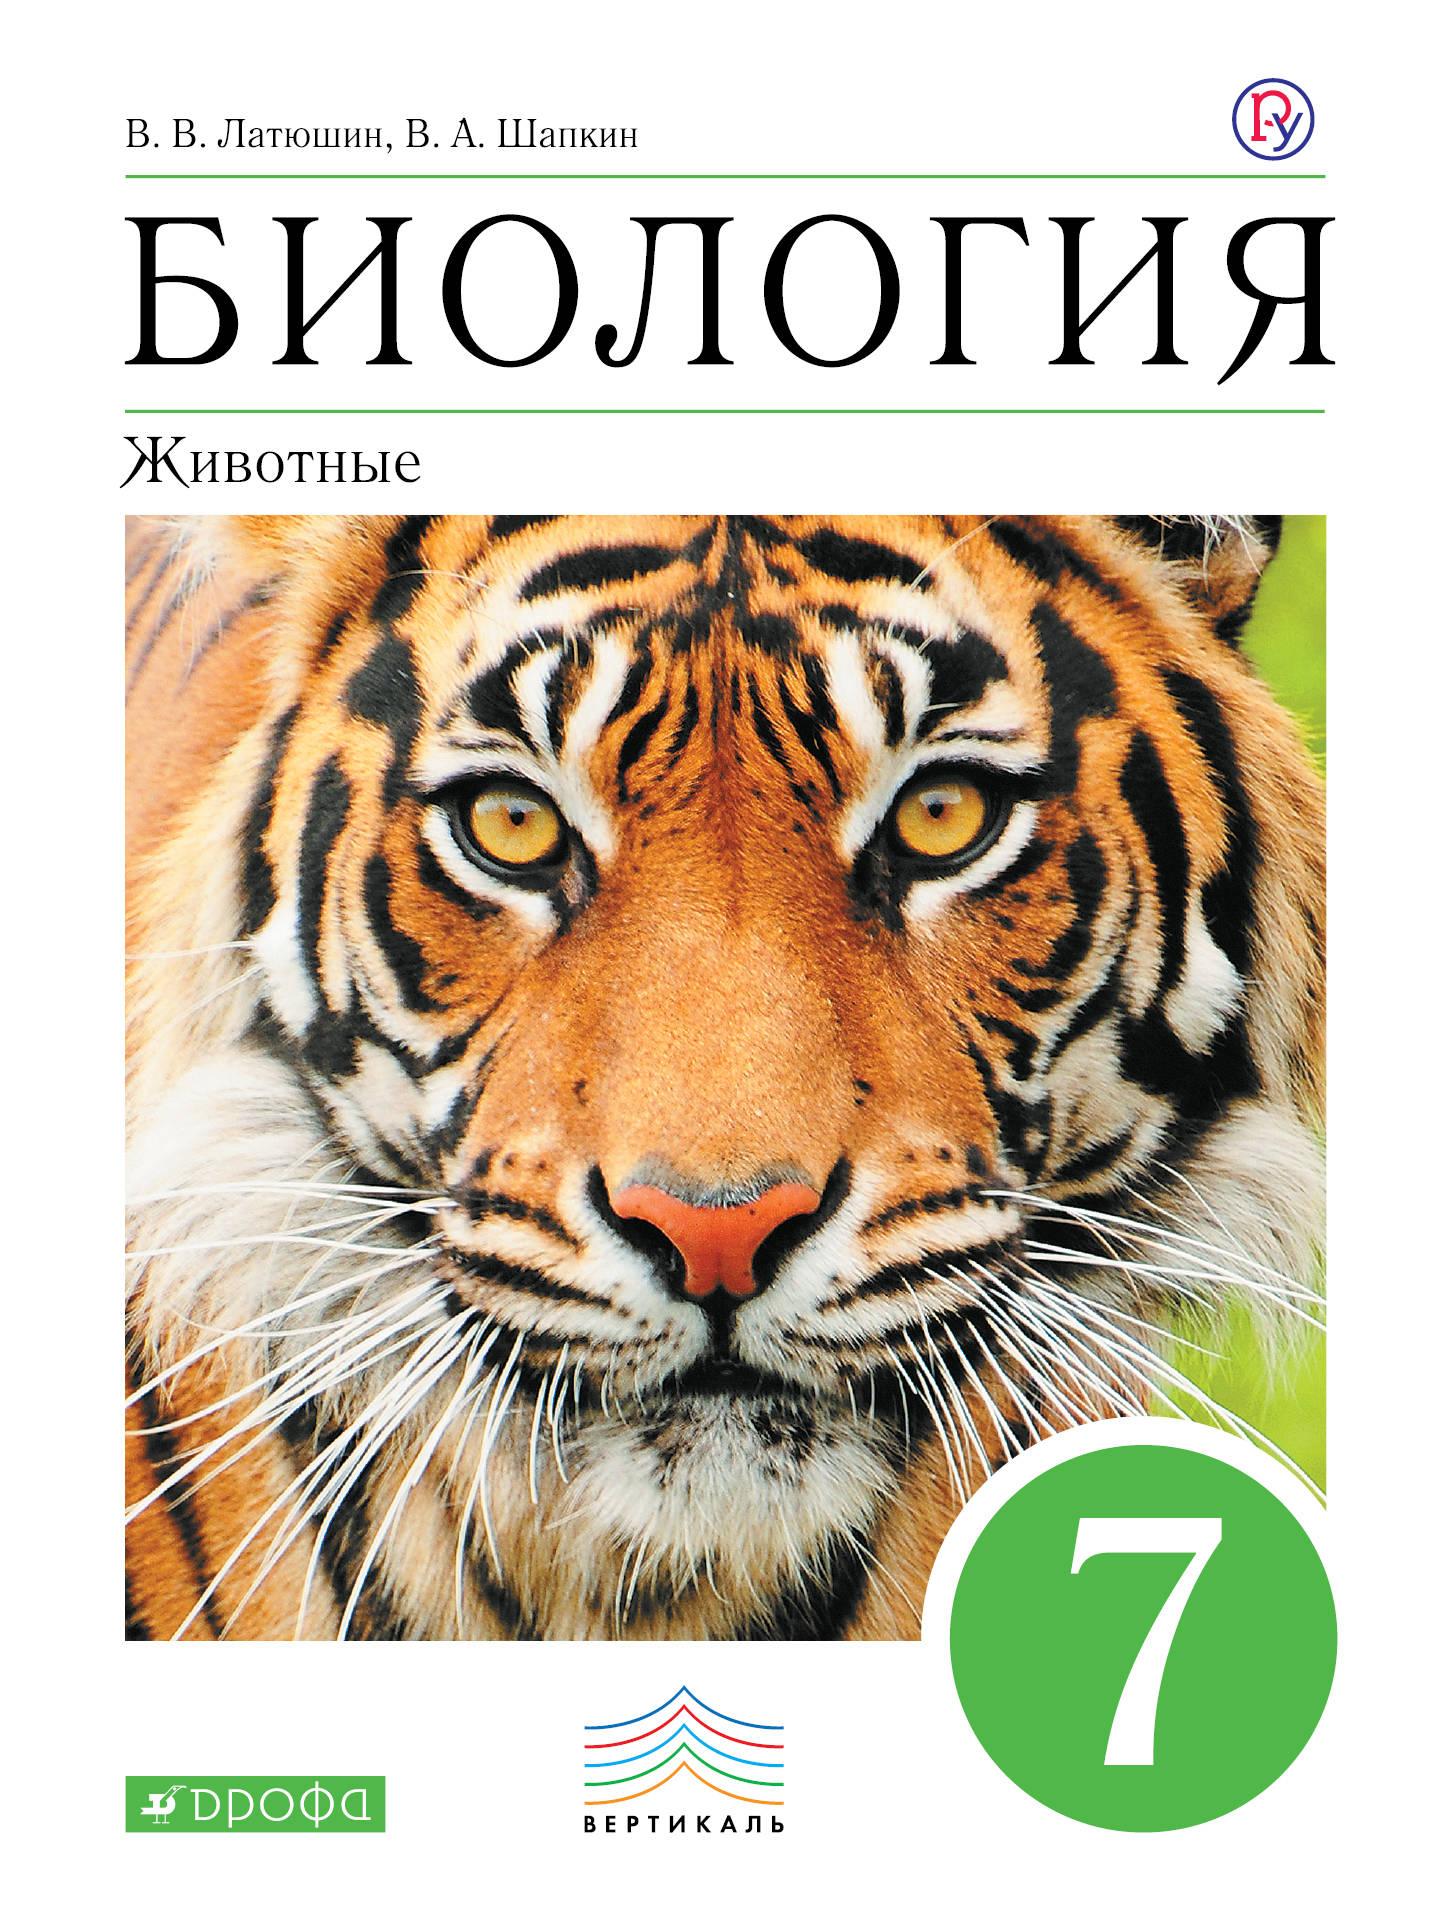 В. В. Латюшин,В. А. Шапкин Биология. 7 класс. Животные. Учебник